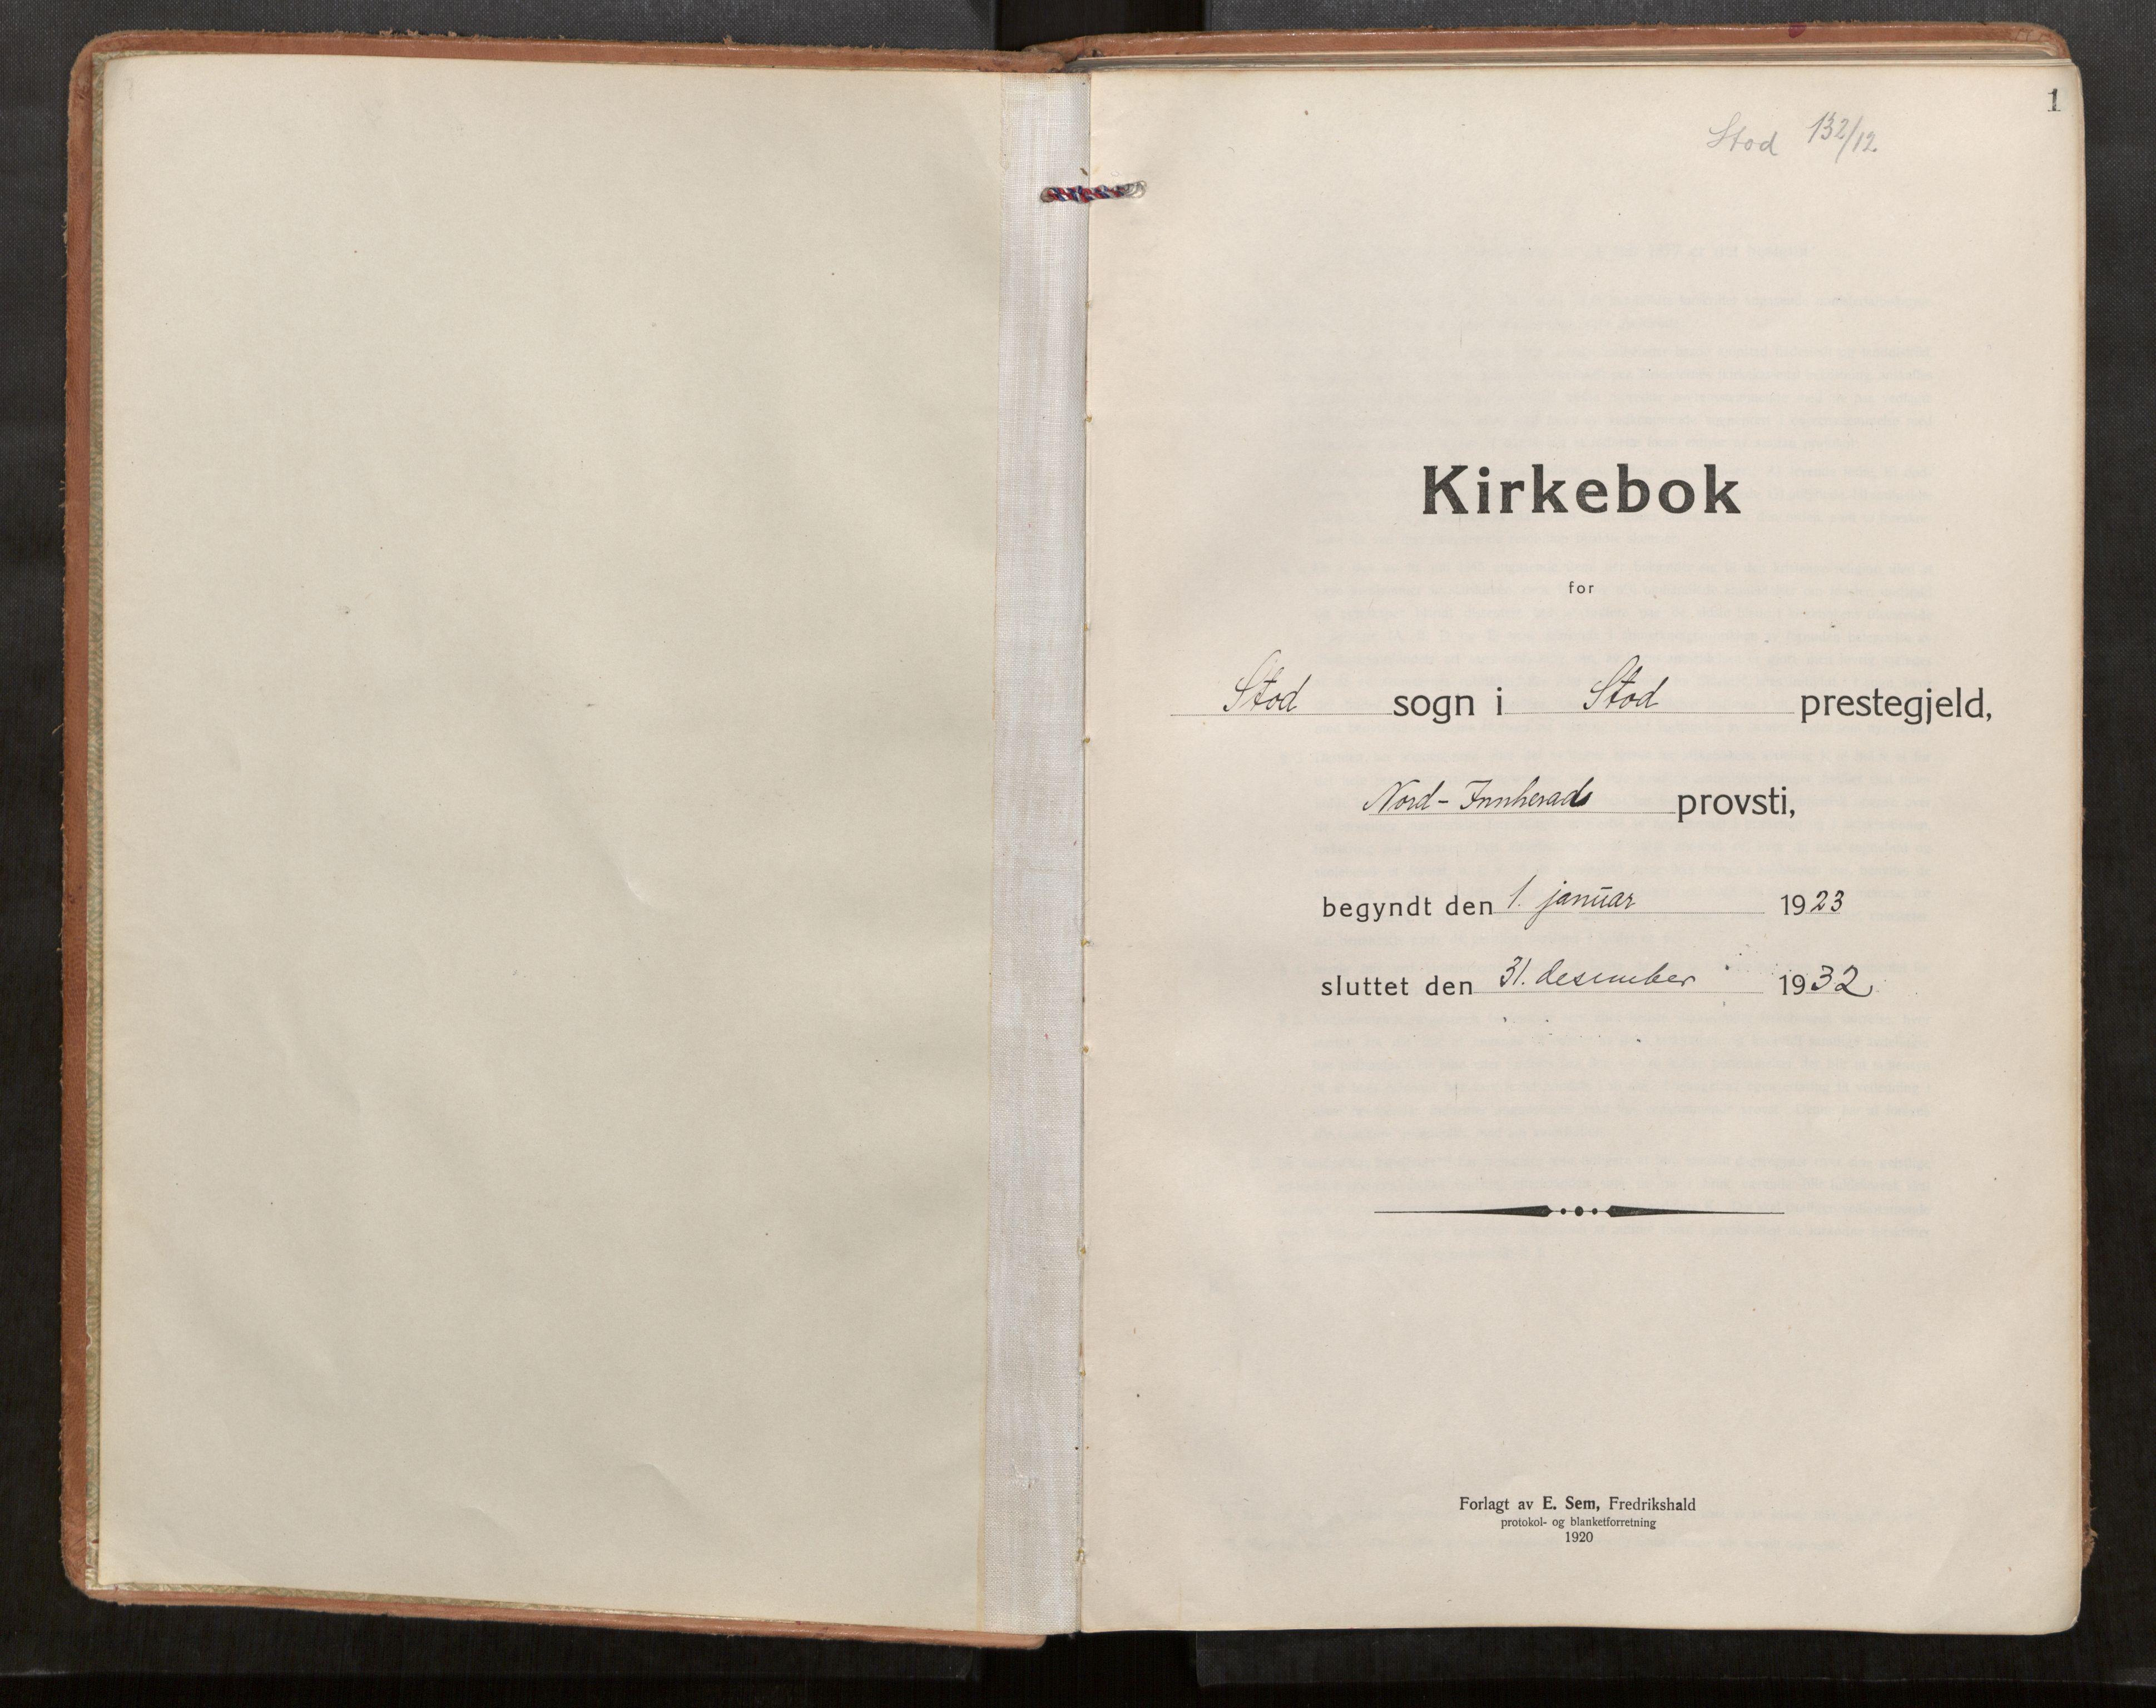 SAT, Stod sokneprestkontor, I/I1/I1a/L0005: Parish register (official) no. 5, 1923-1932, p. 1